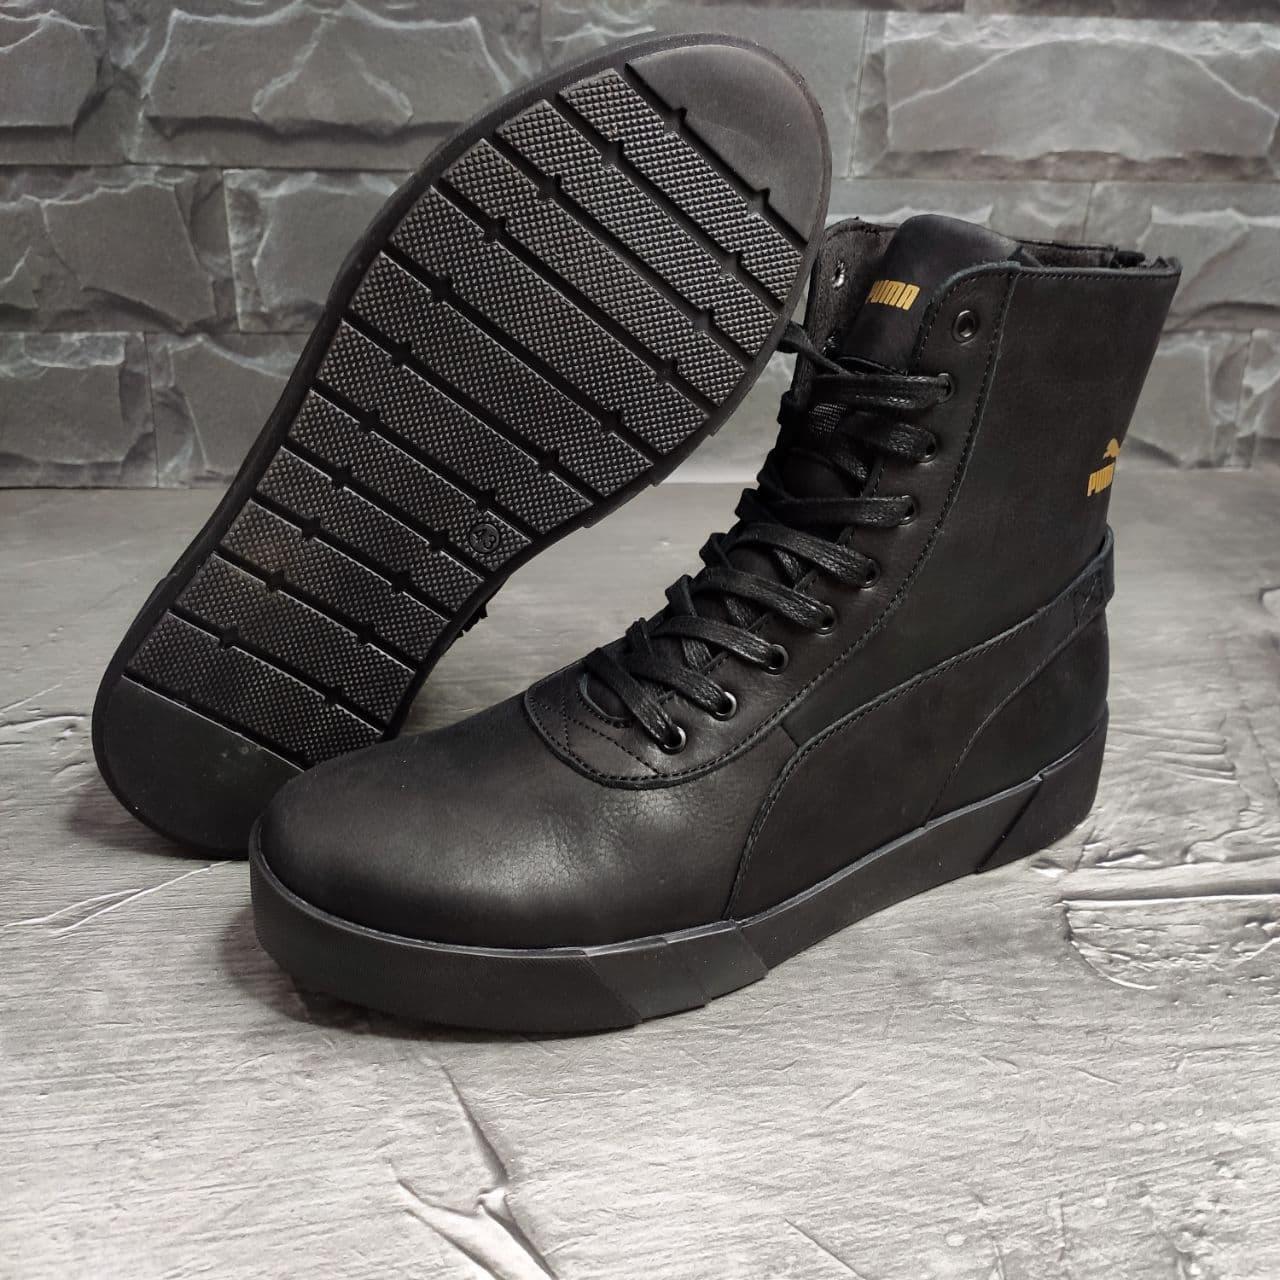 Мужские зимние ботинки Puma OS163 черные